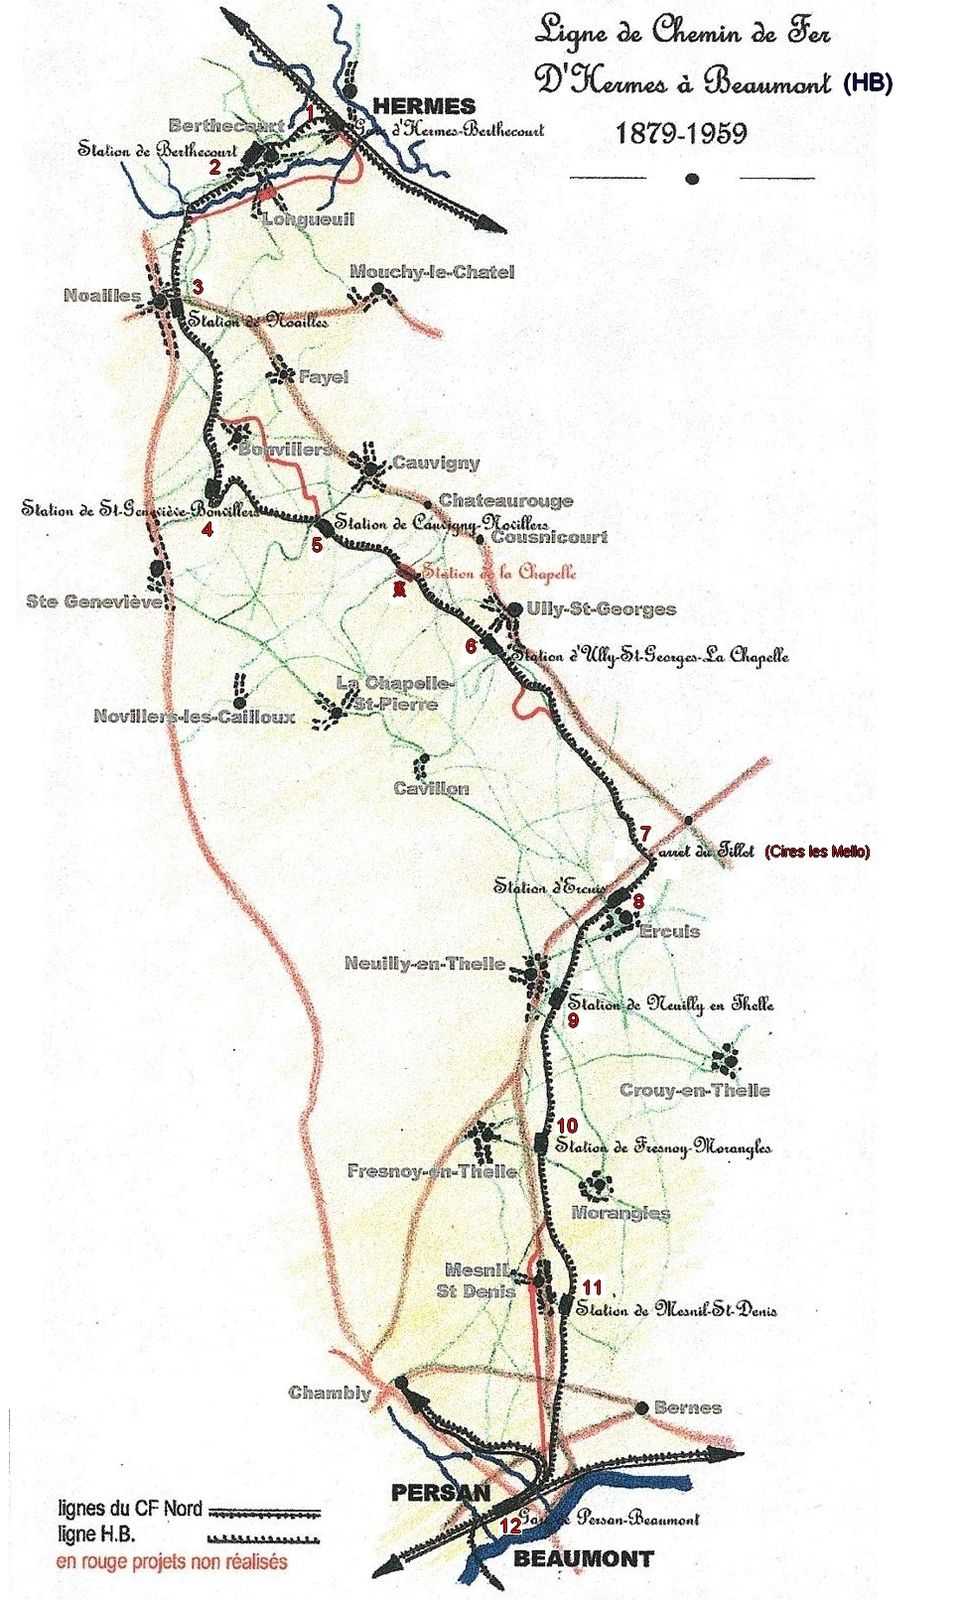 L'ancienne ligne de  Chemin de fer d' Hermes à Beaumont (Ou le Tacot de Neuilly en Thelle) Oise